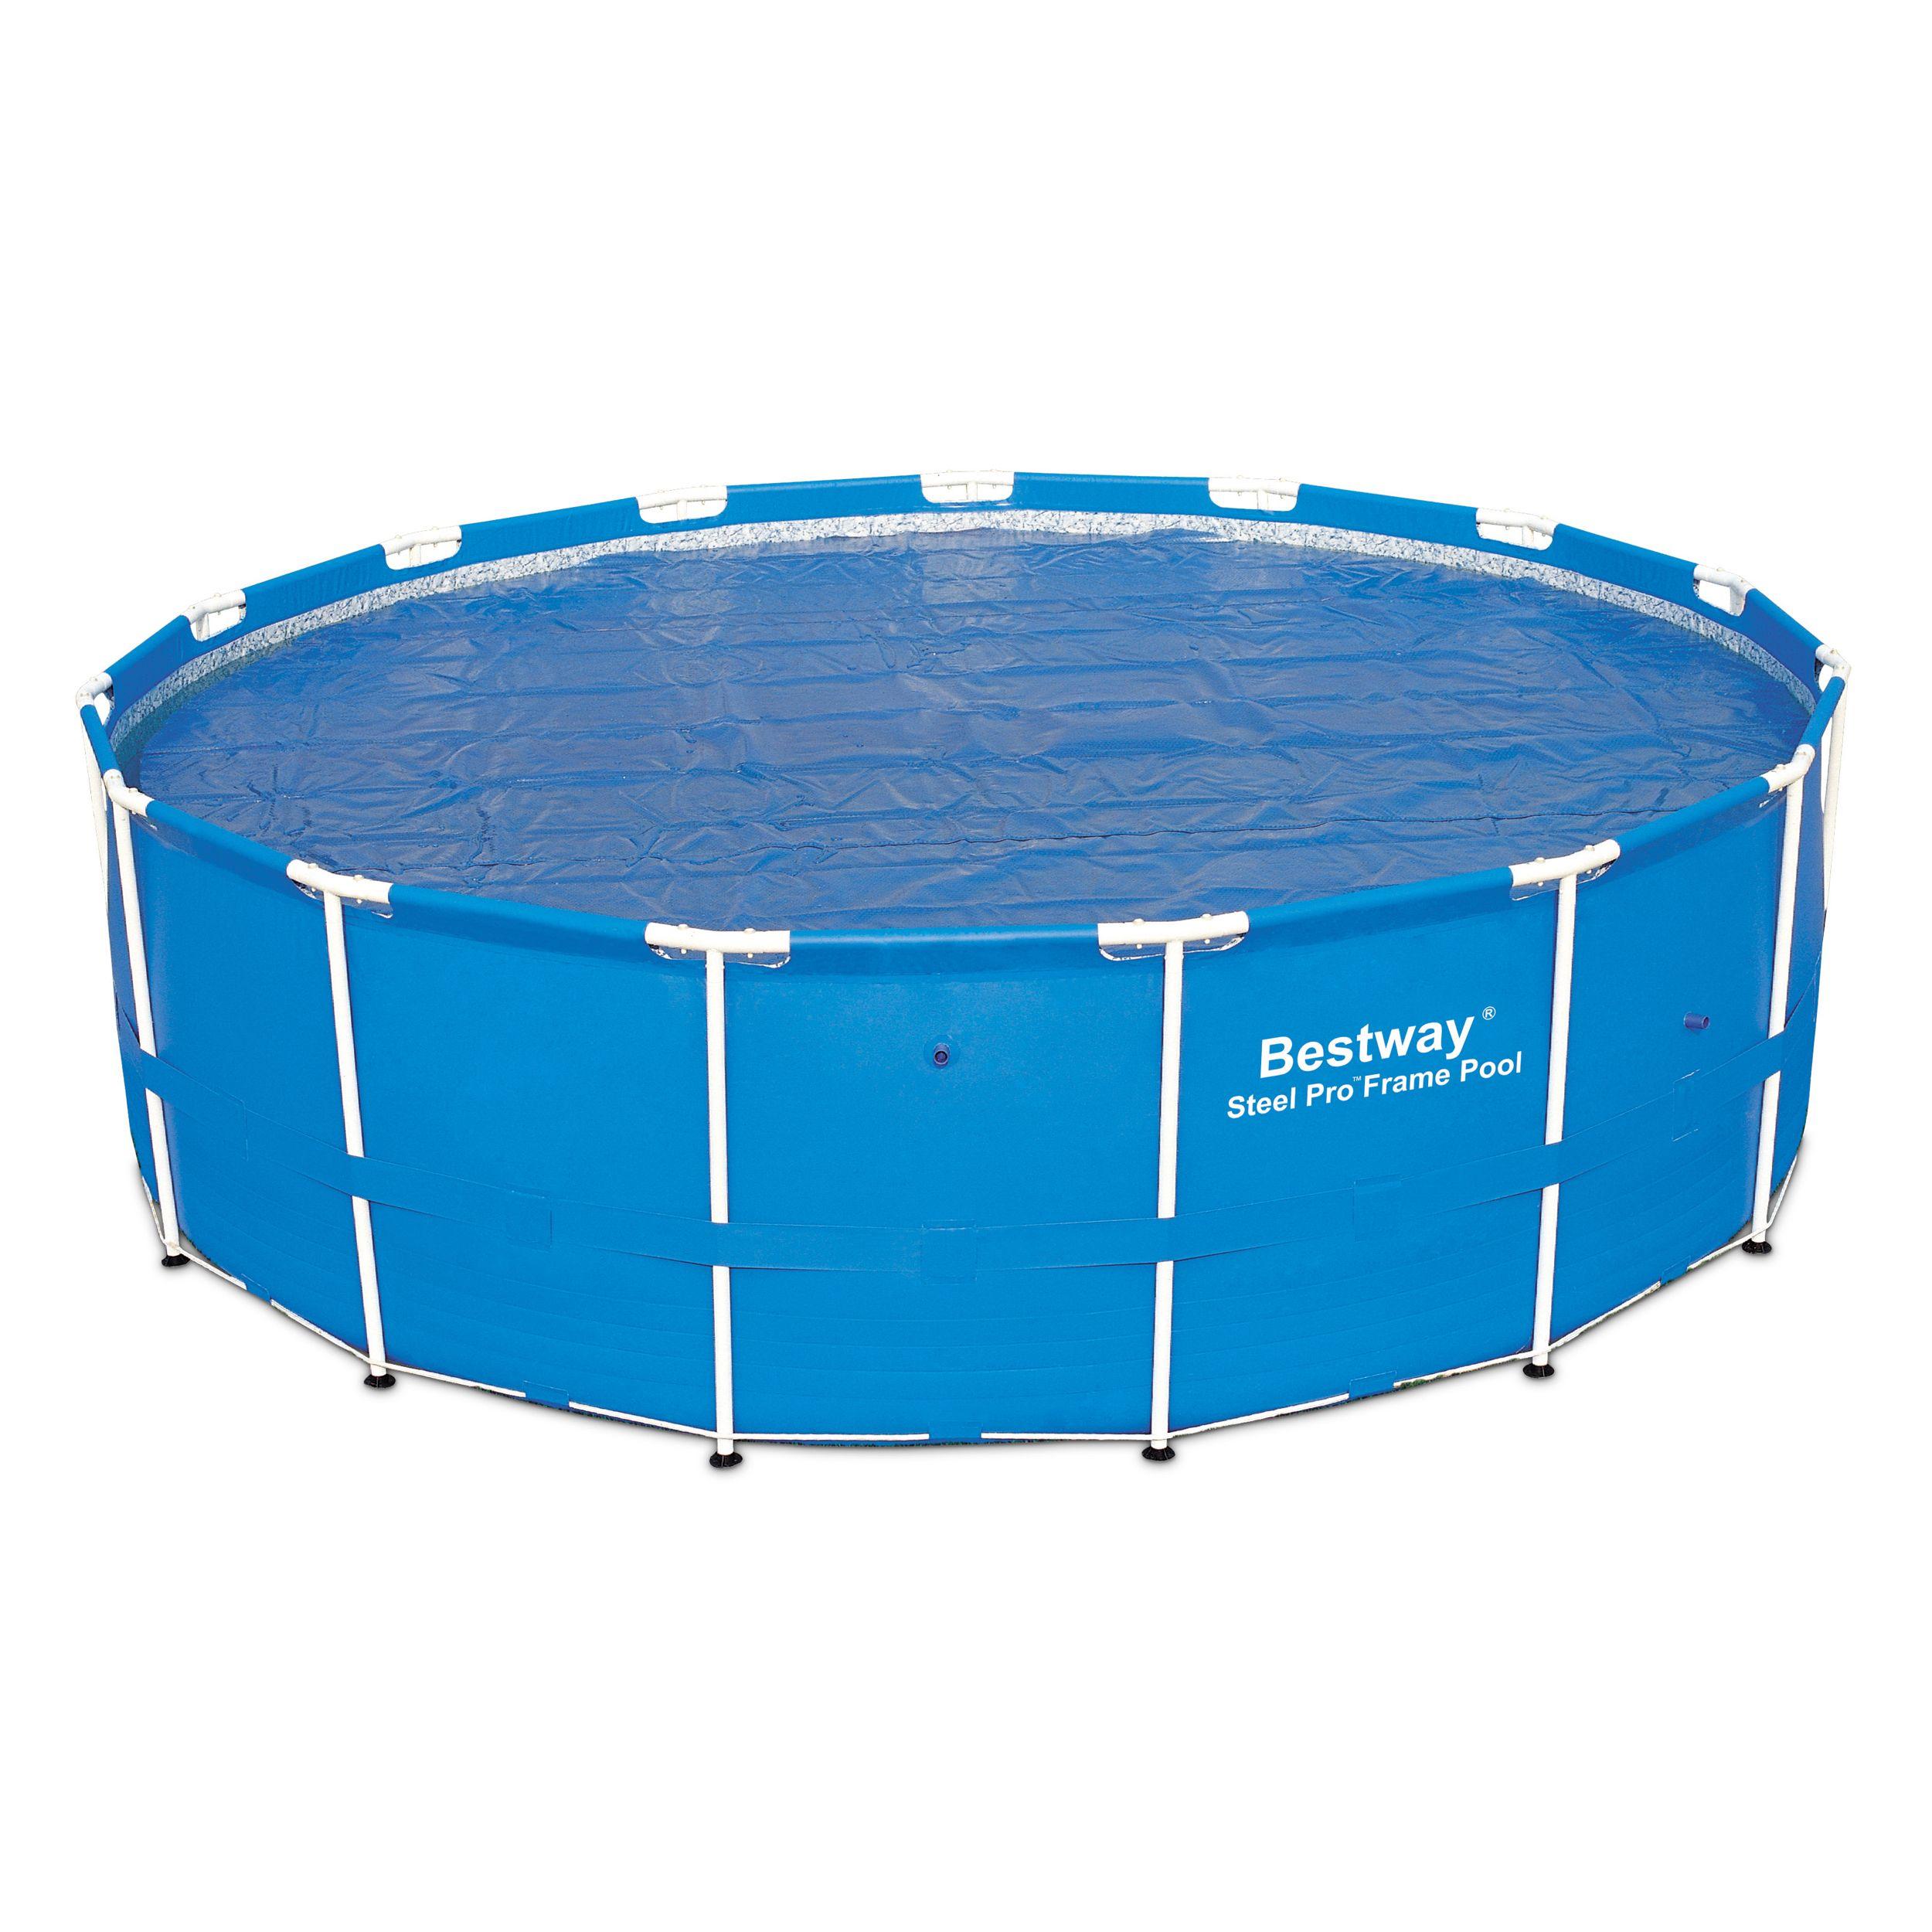 Bestway Solar 15-Foot Pool Cover